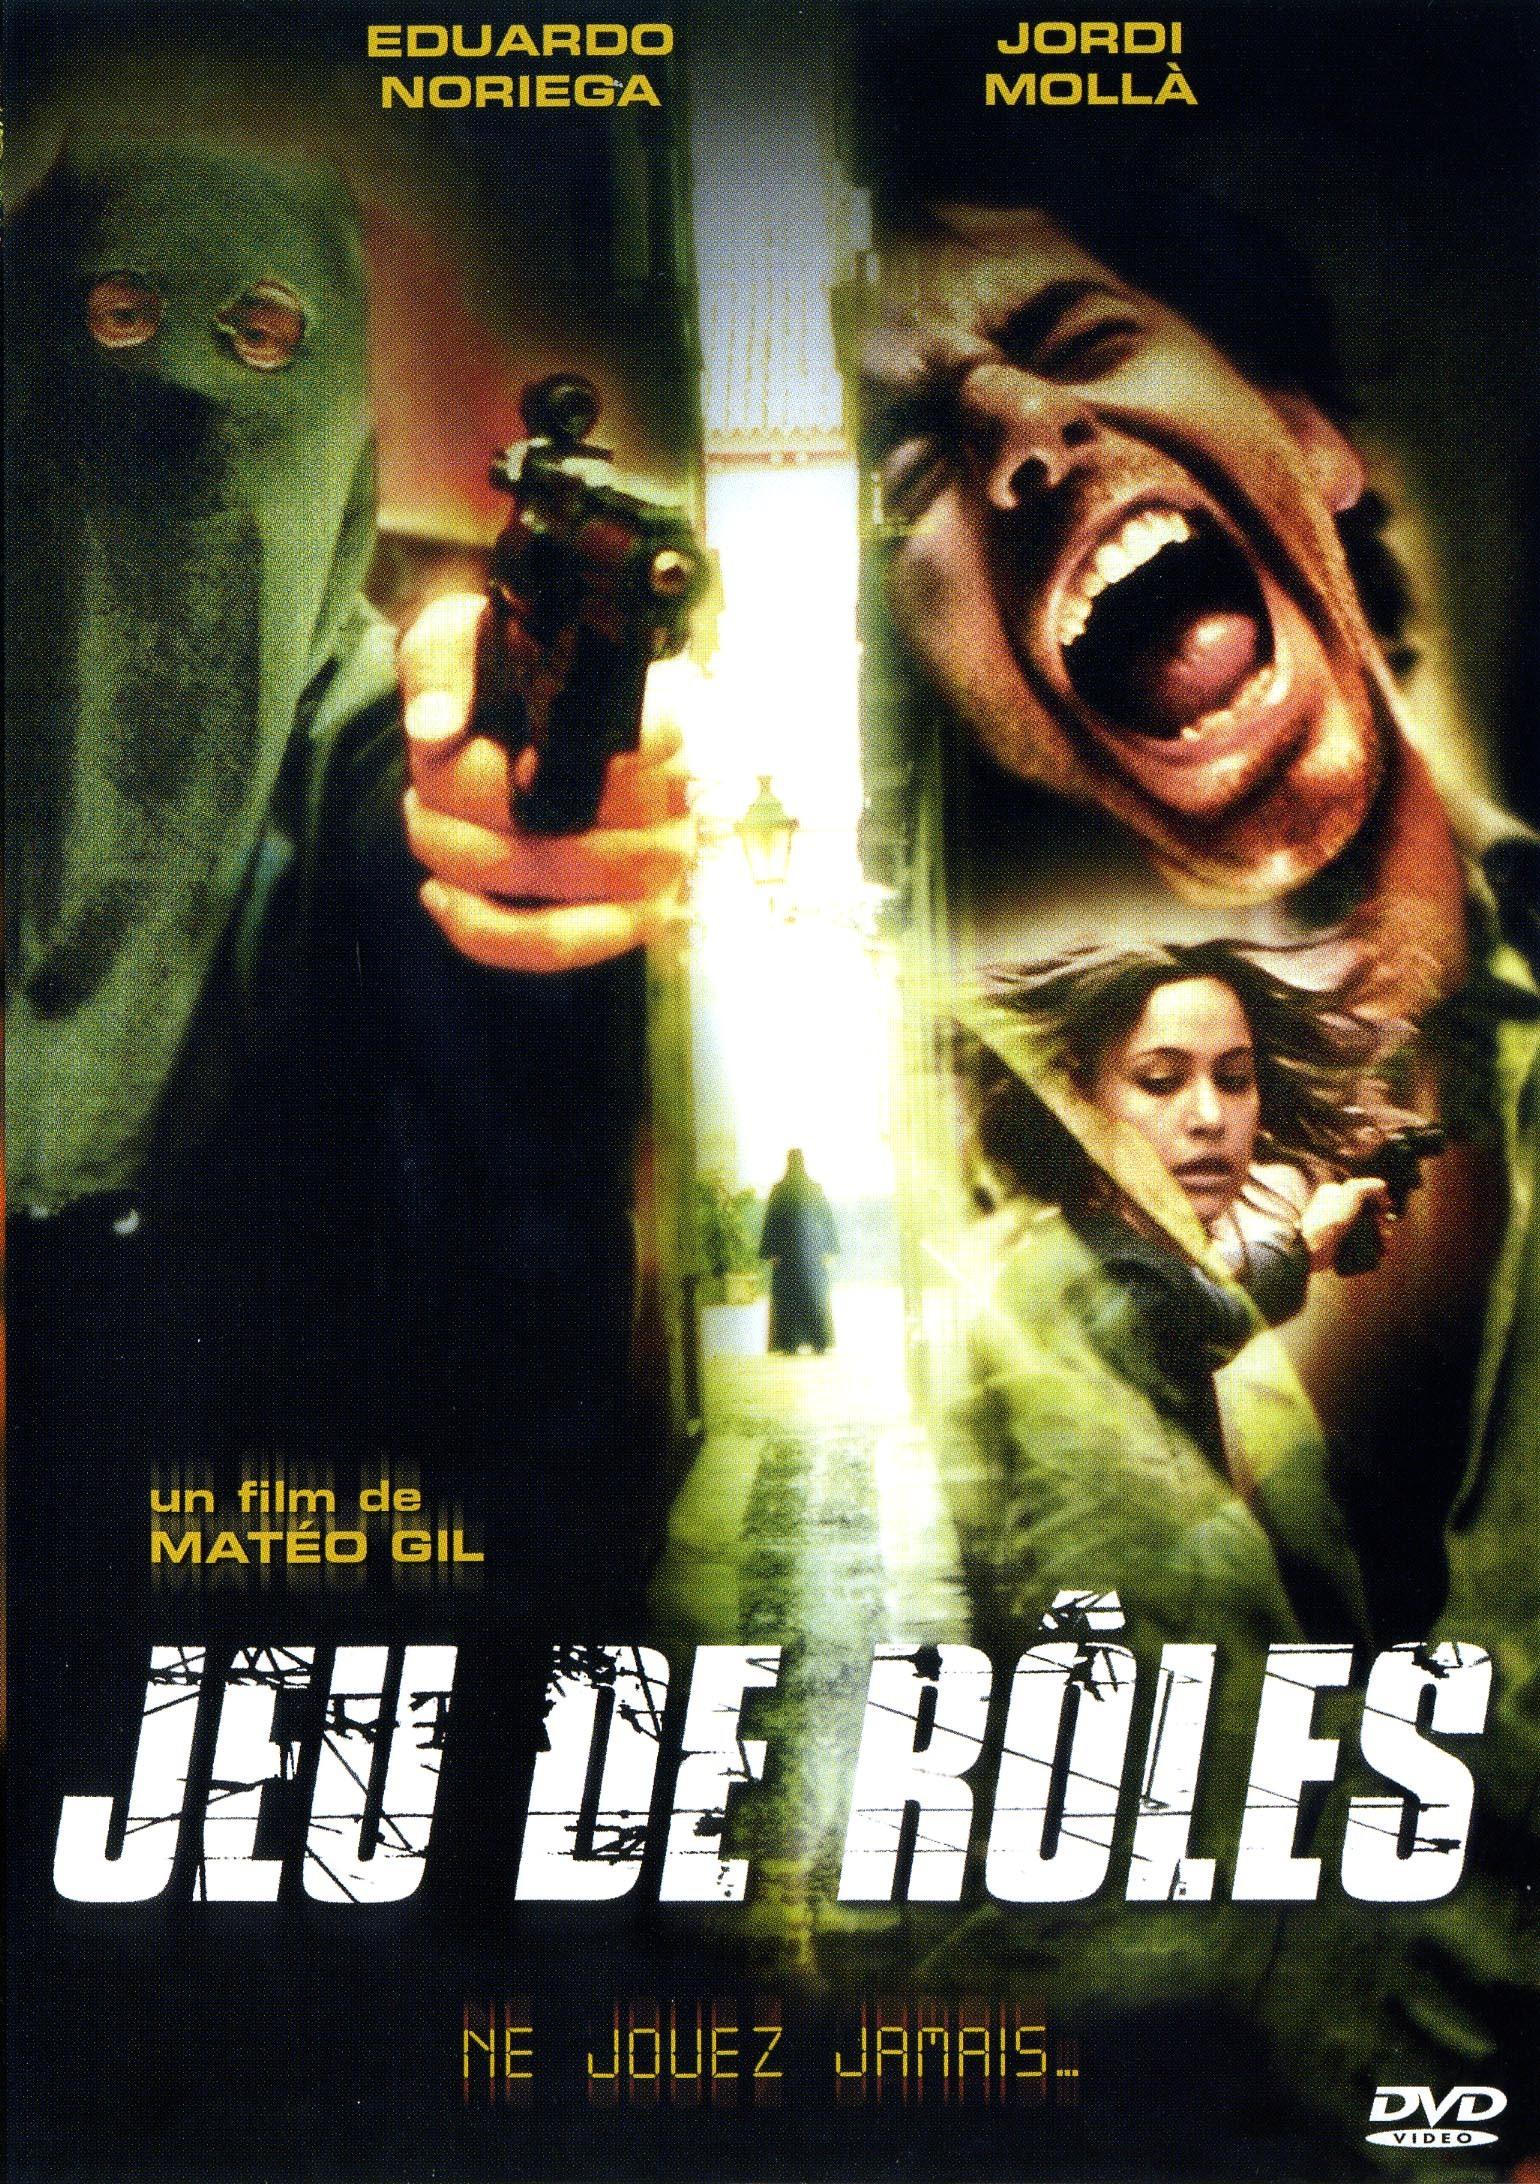 JEU DE ROLES - DVD